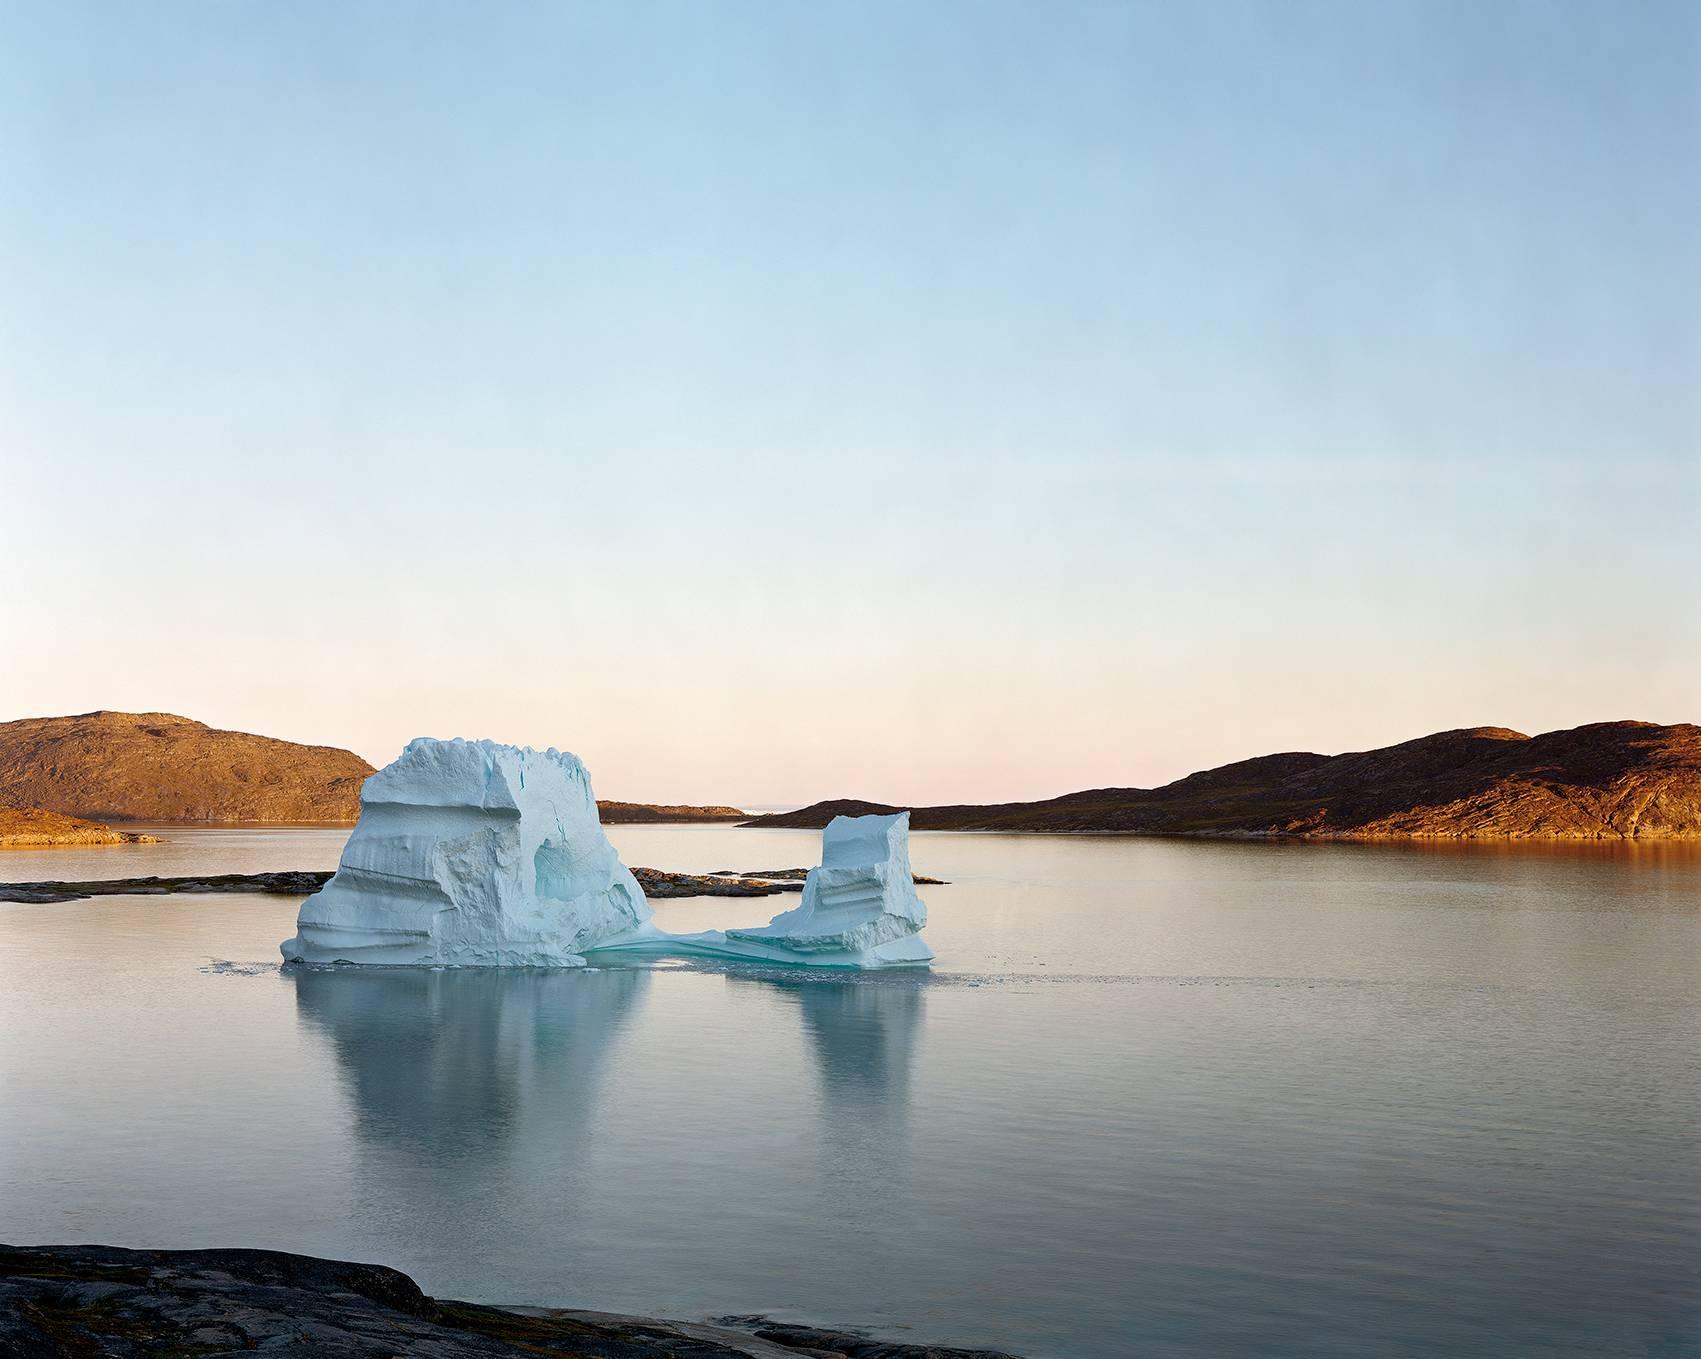 """Iceberg Rodebay 2, 07/2003, 69° 22'16"""" N, 50° 54'08"""" W - Olaf Otto Becker"""